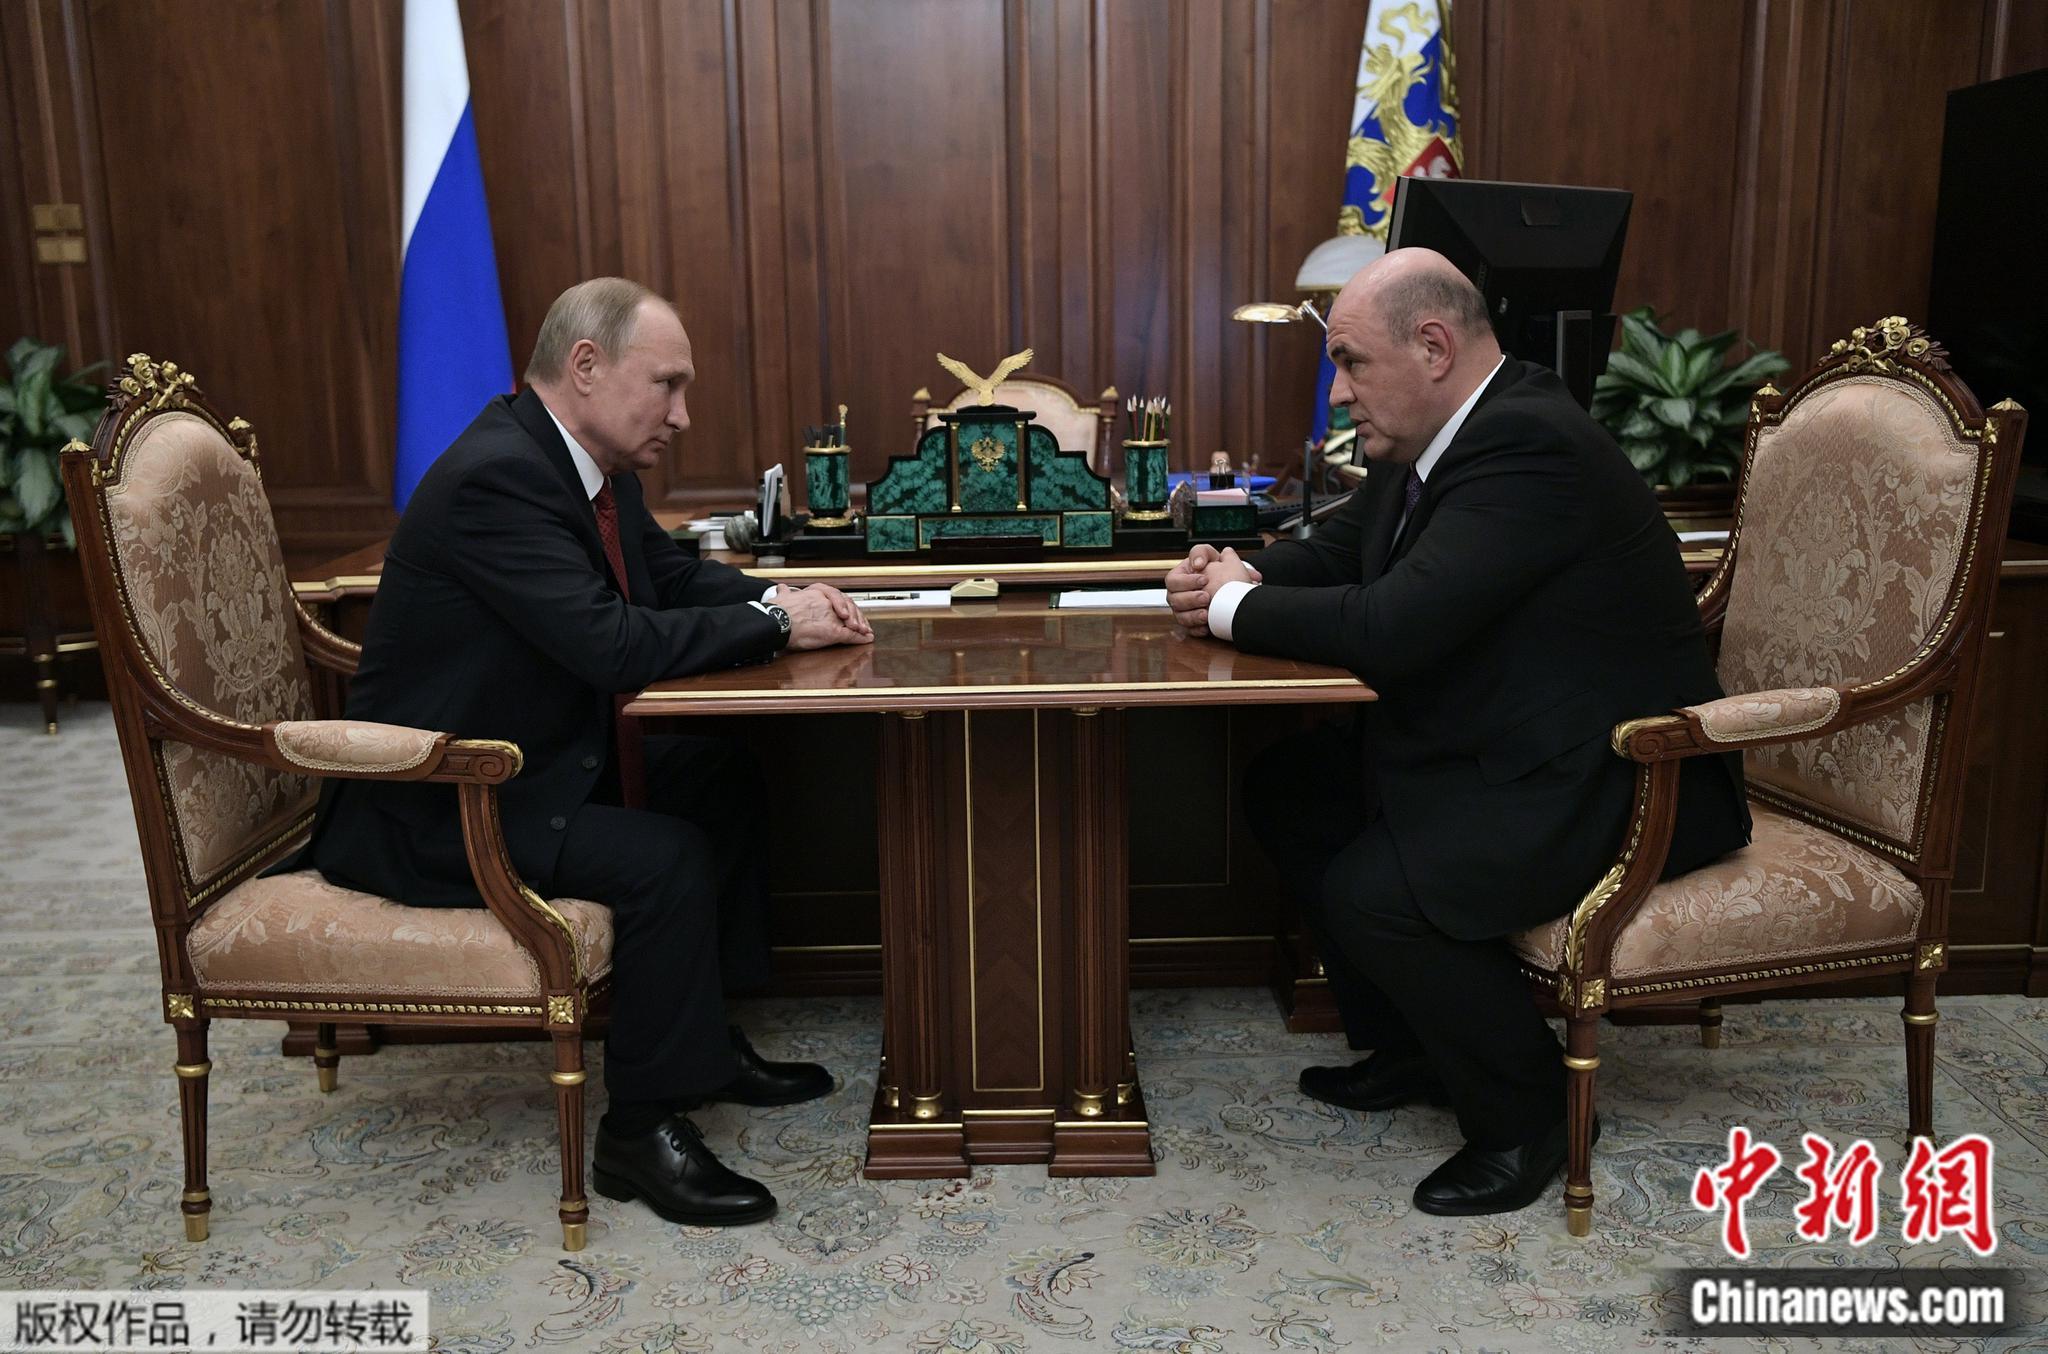 当地时间1月15日,俄罗斯总统普京会见米舒斯京。